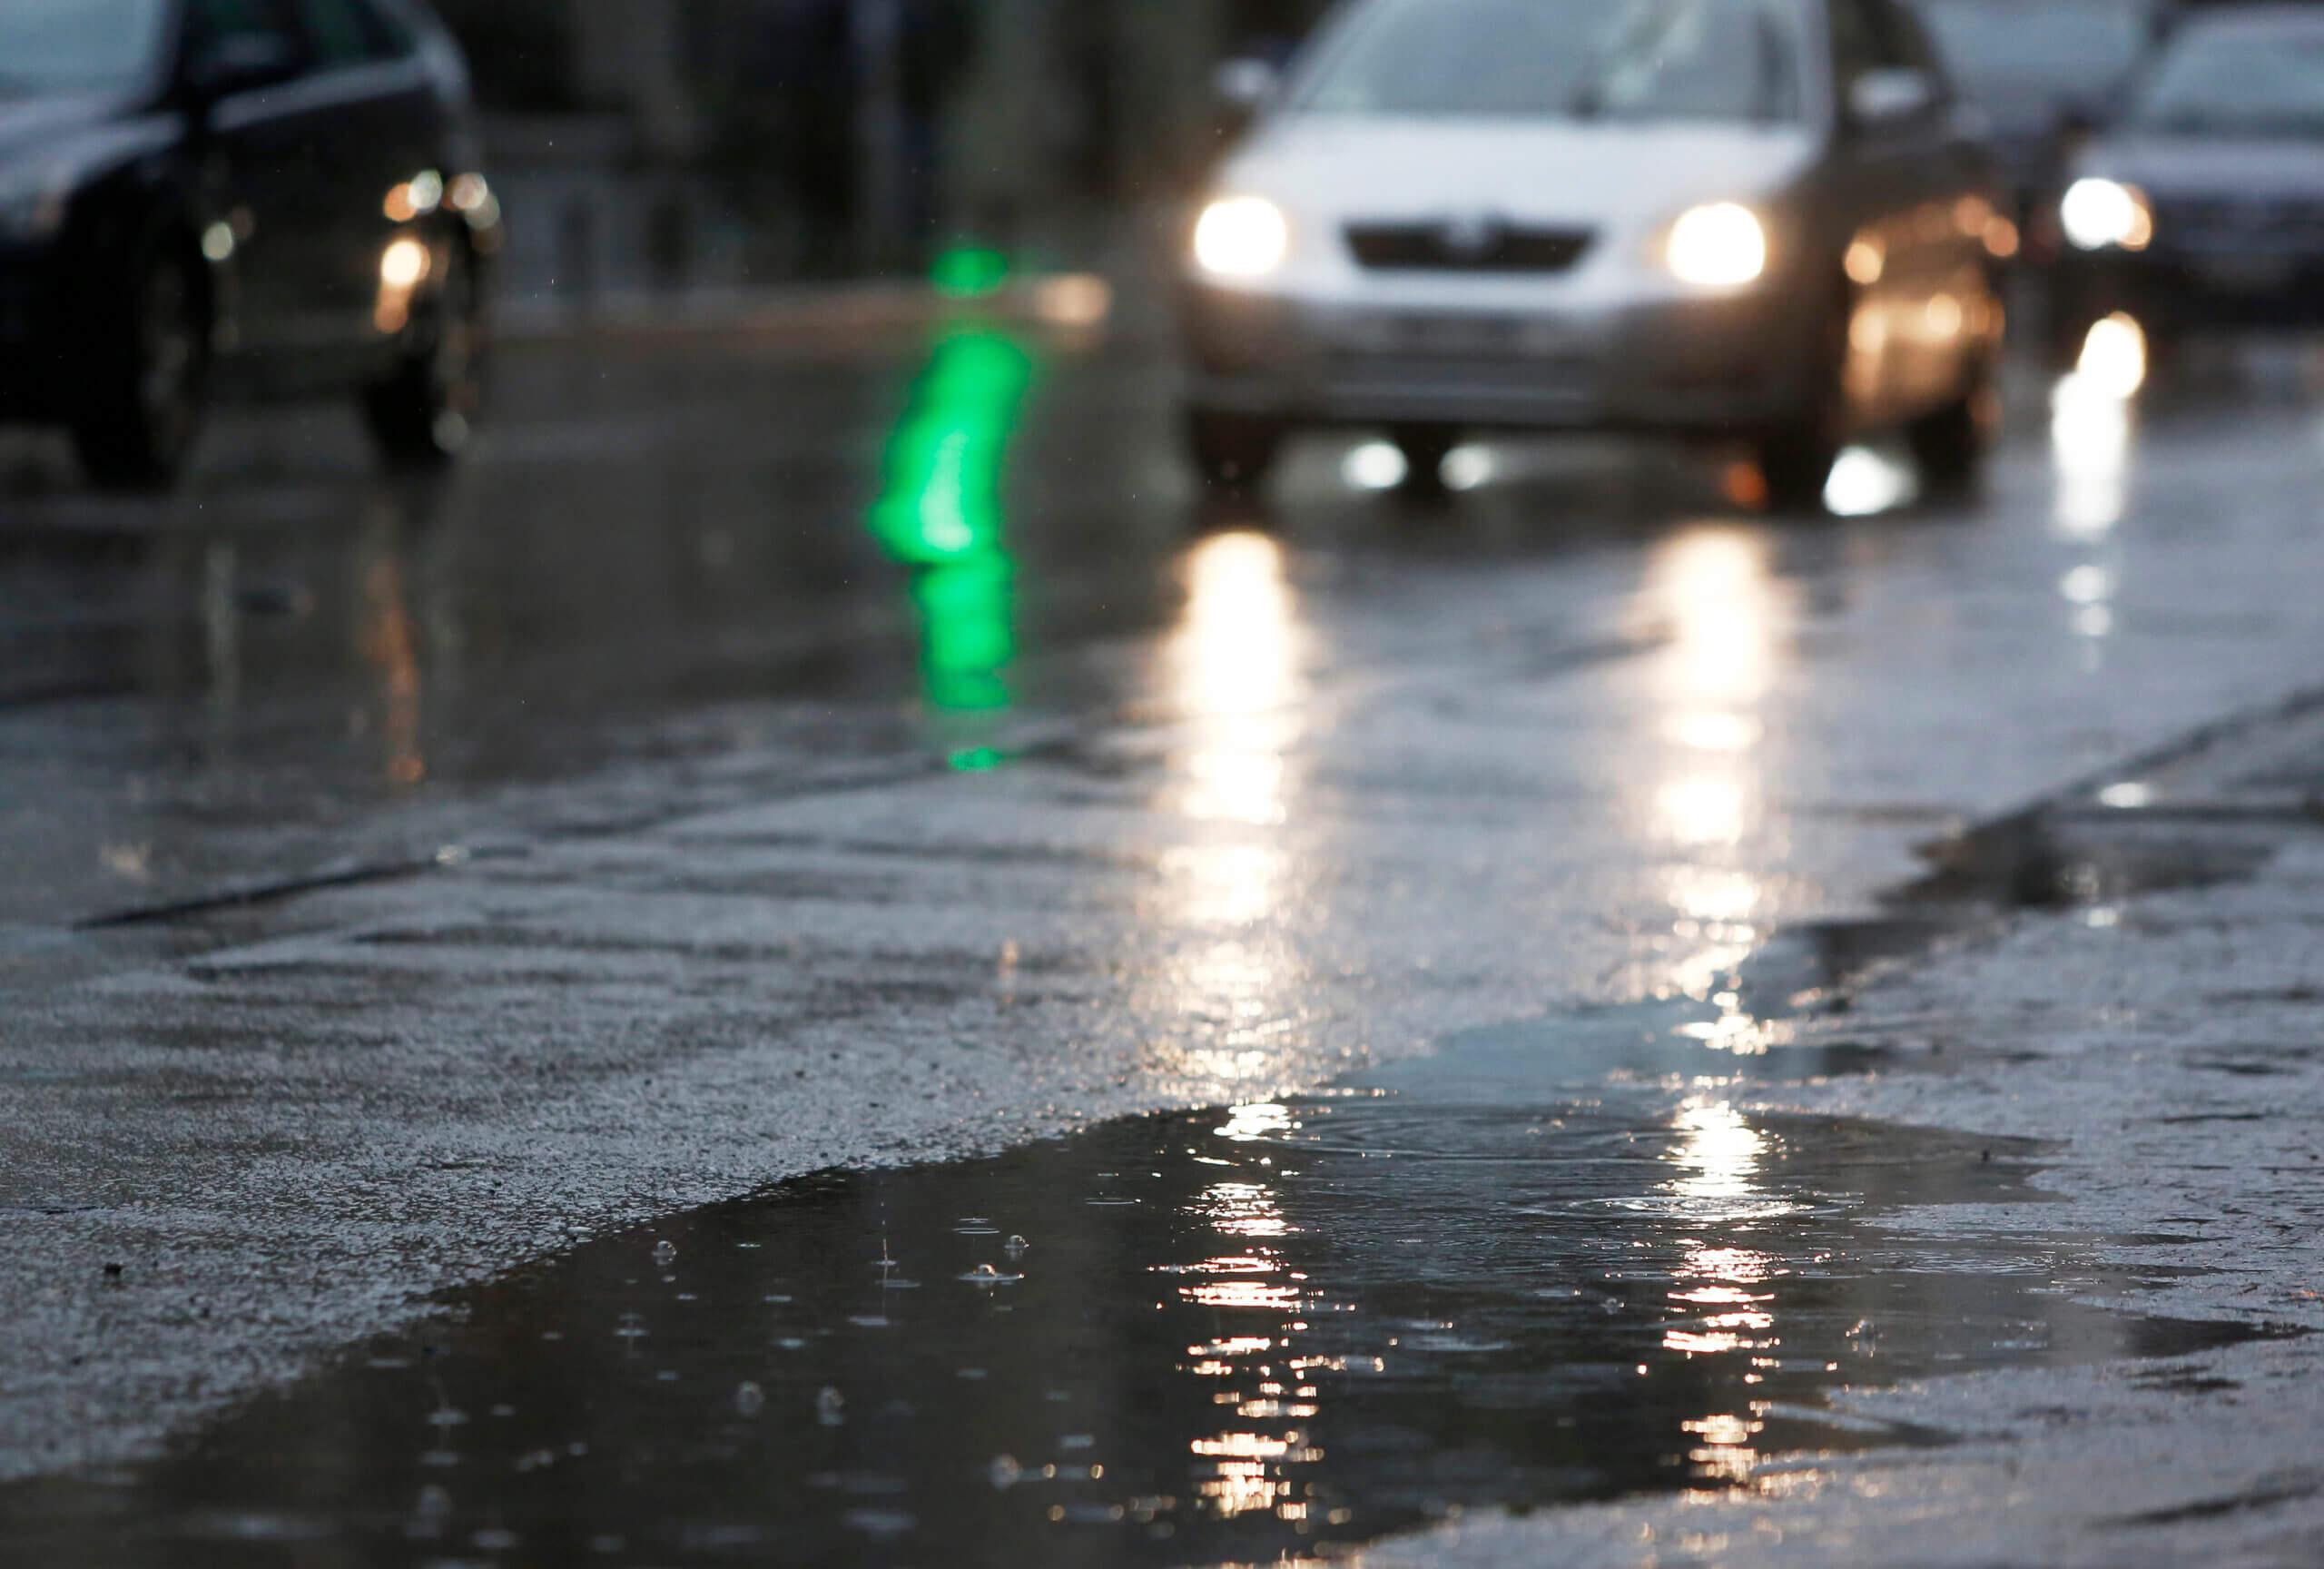 Καιρός : Βροχές, καταιγίδες και χιόνια – Σε ποιες περιοχές